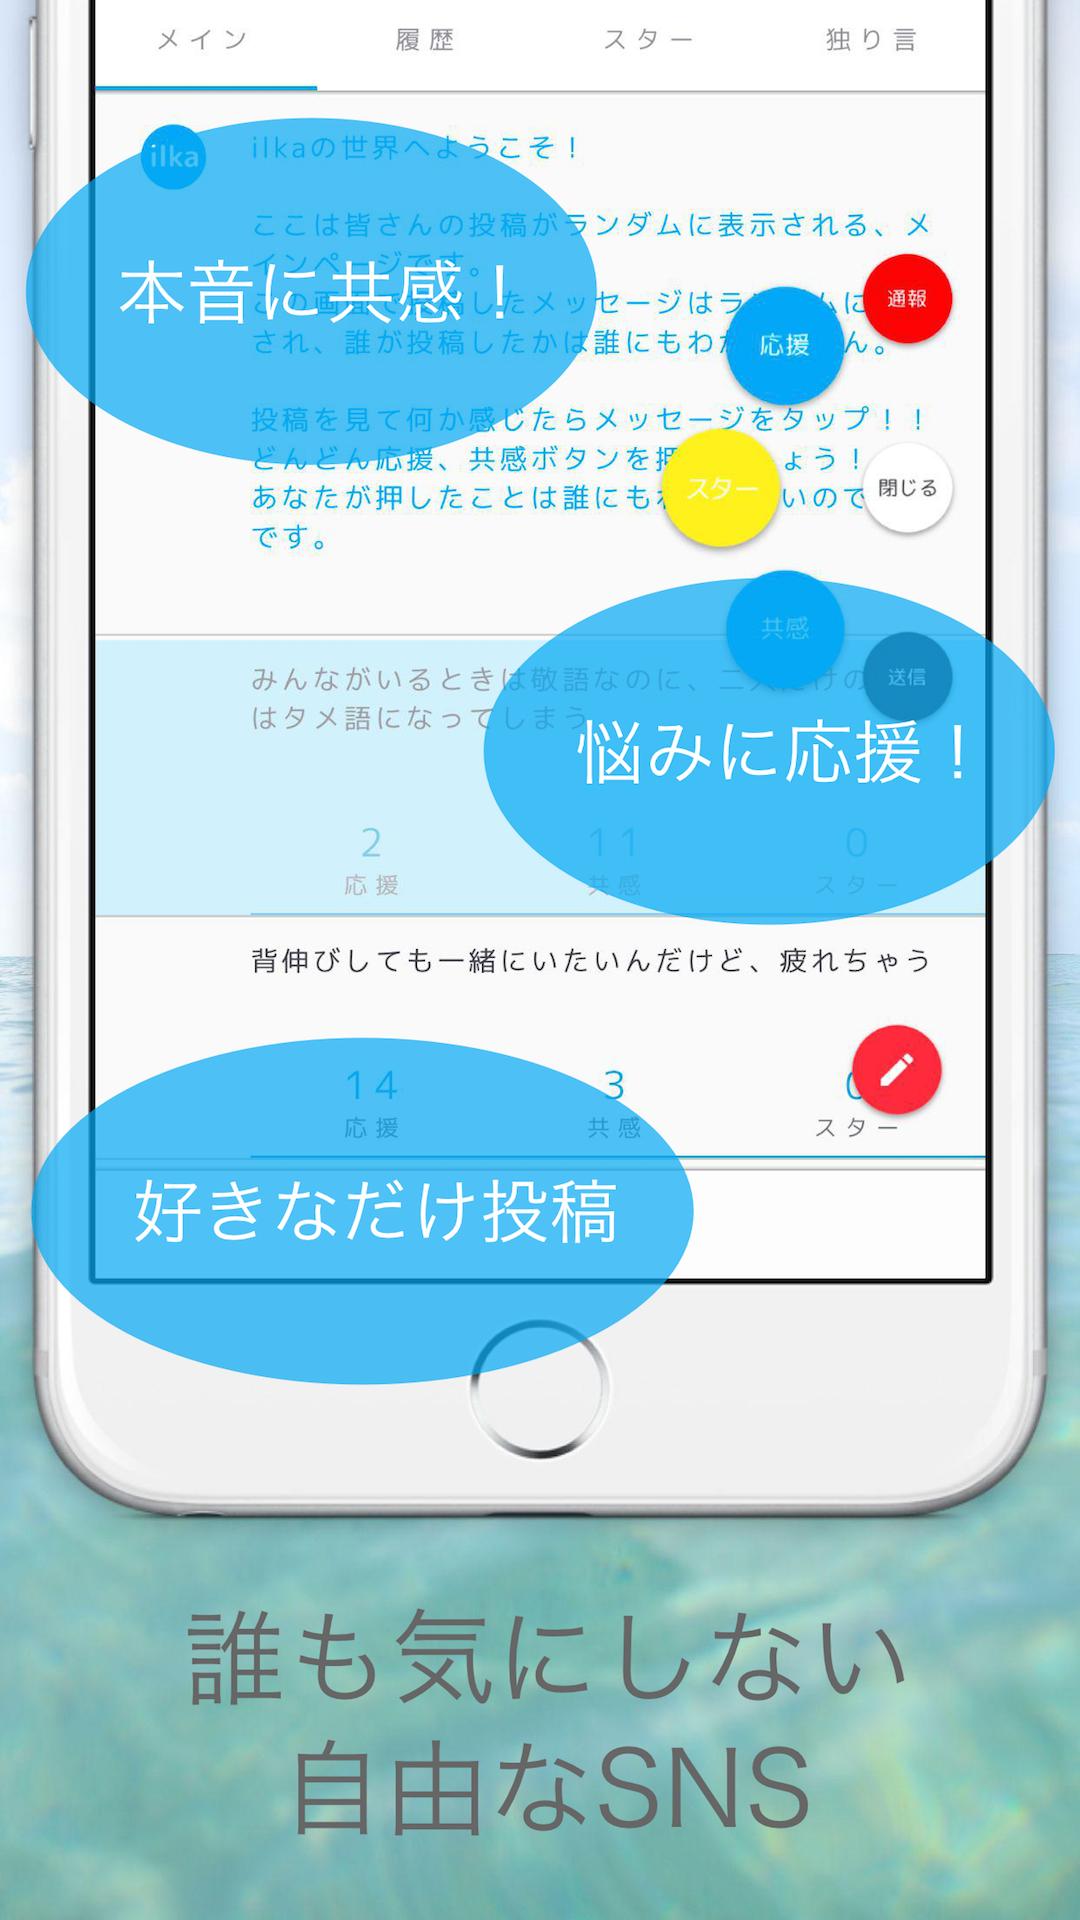 アプリ ダウンロード 待機 中